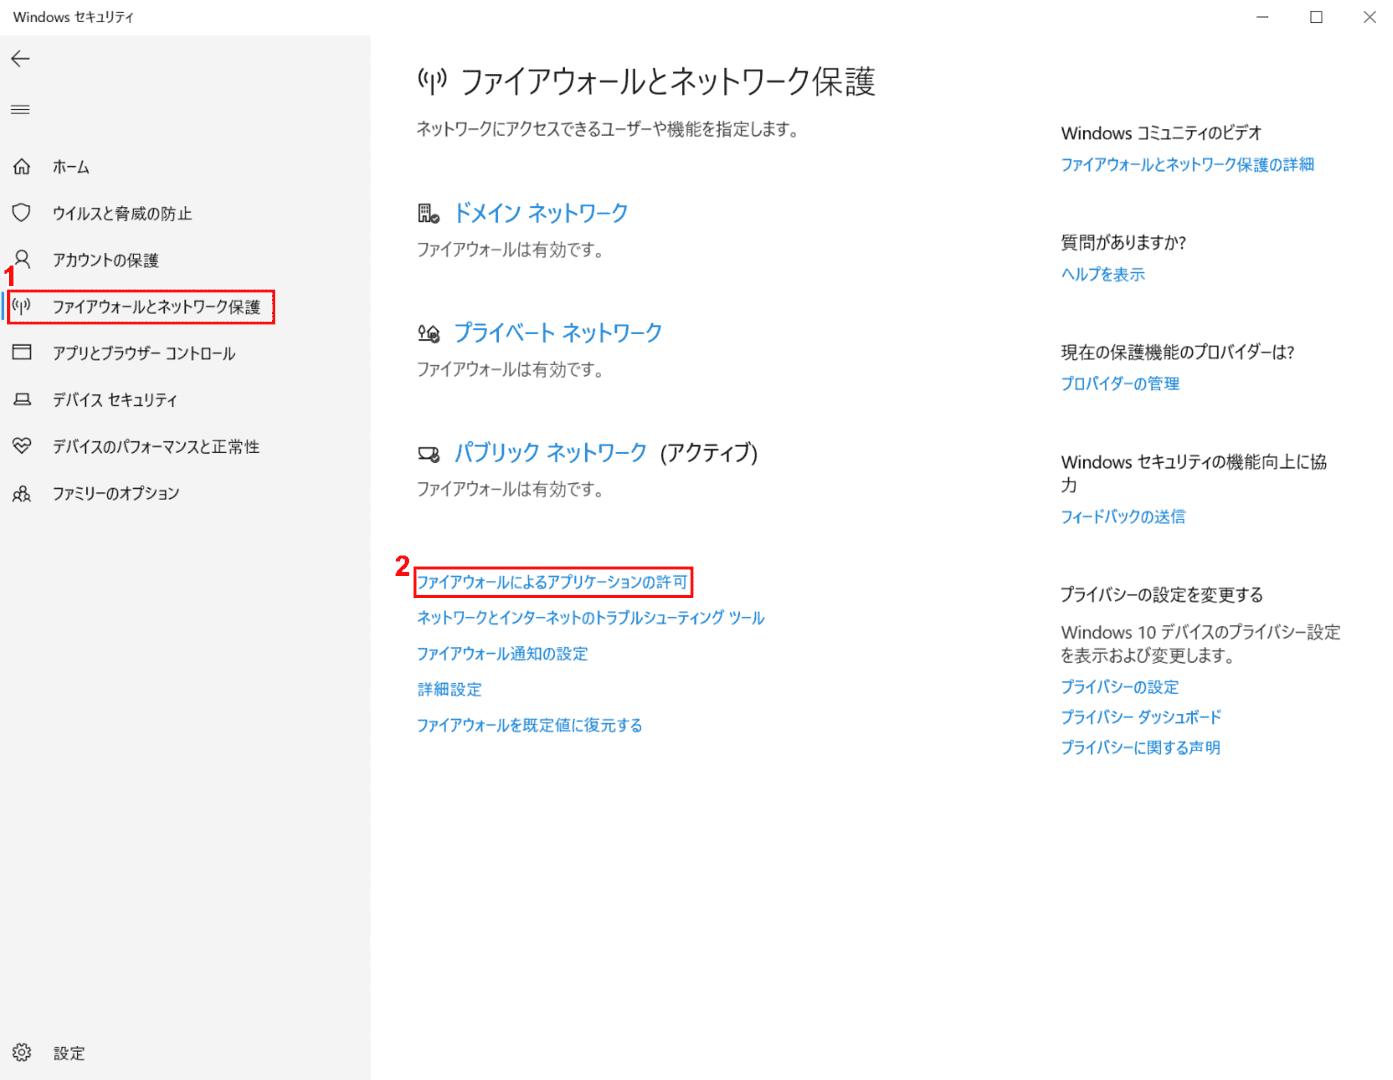 ファイアウォールによるアプリケーションの許可